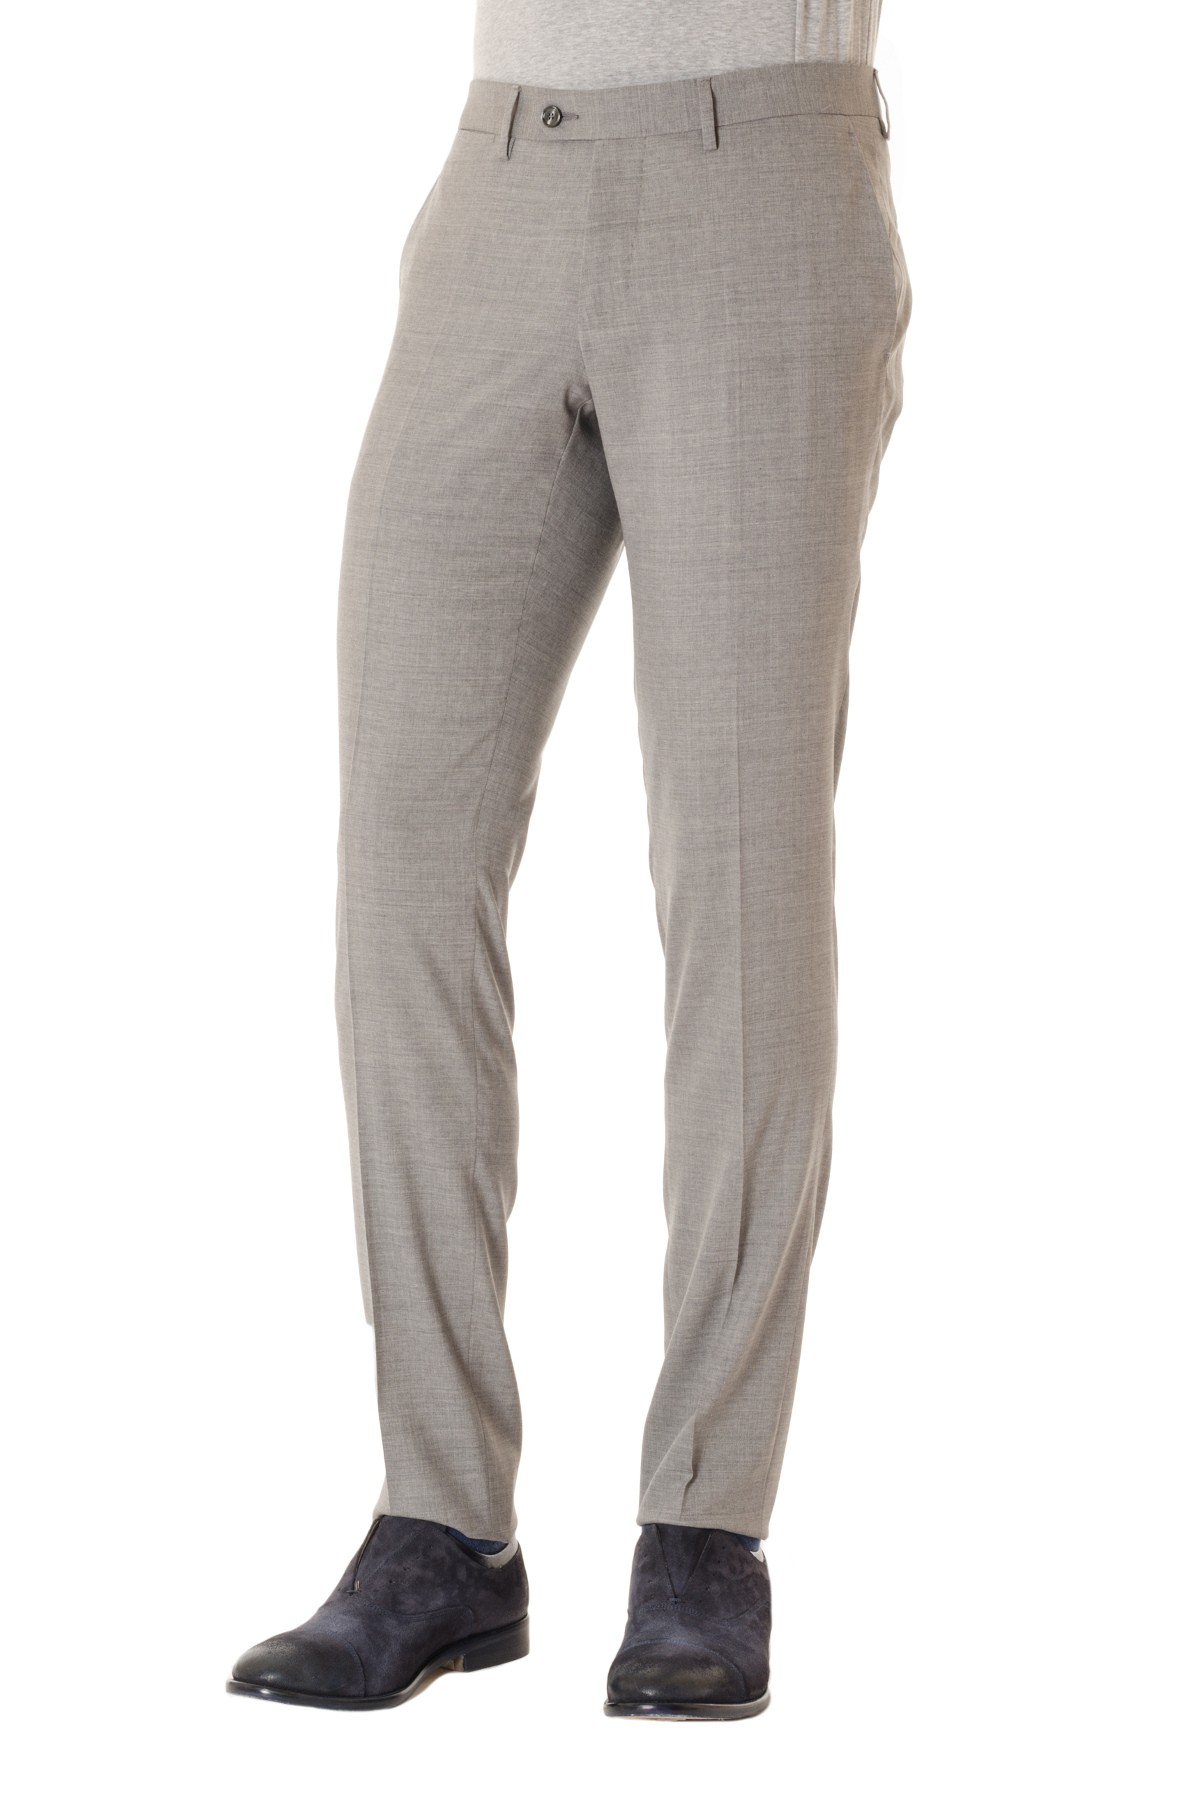 a57ae0b78e Pantalone grigio chiaro in lana TAGLIATORE P/E made in Italy